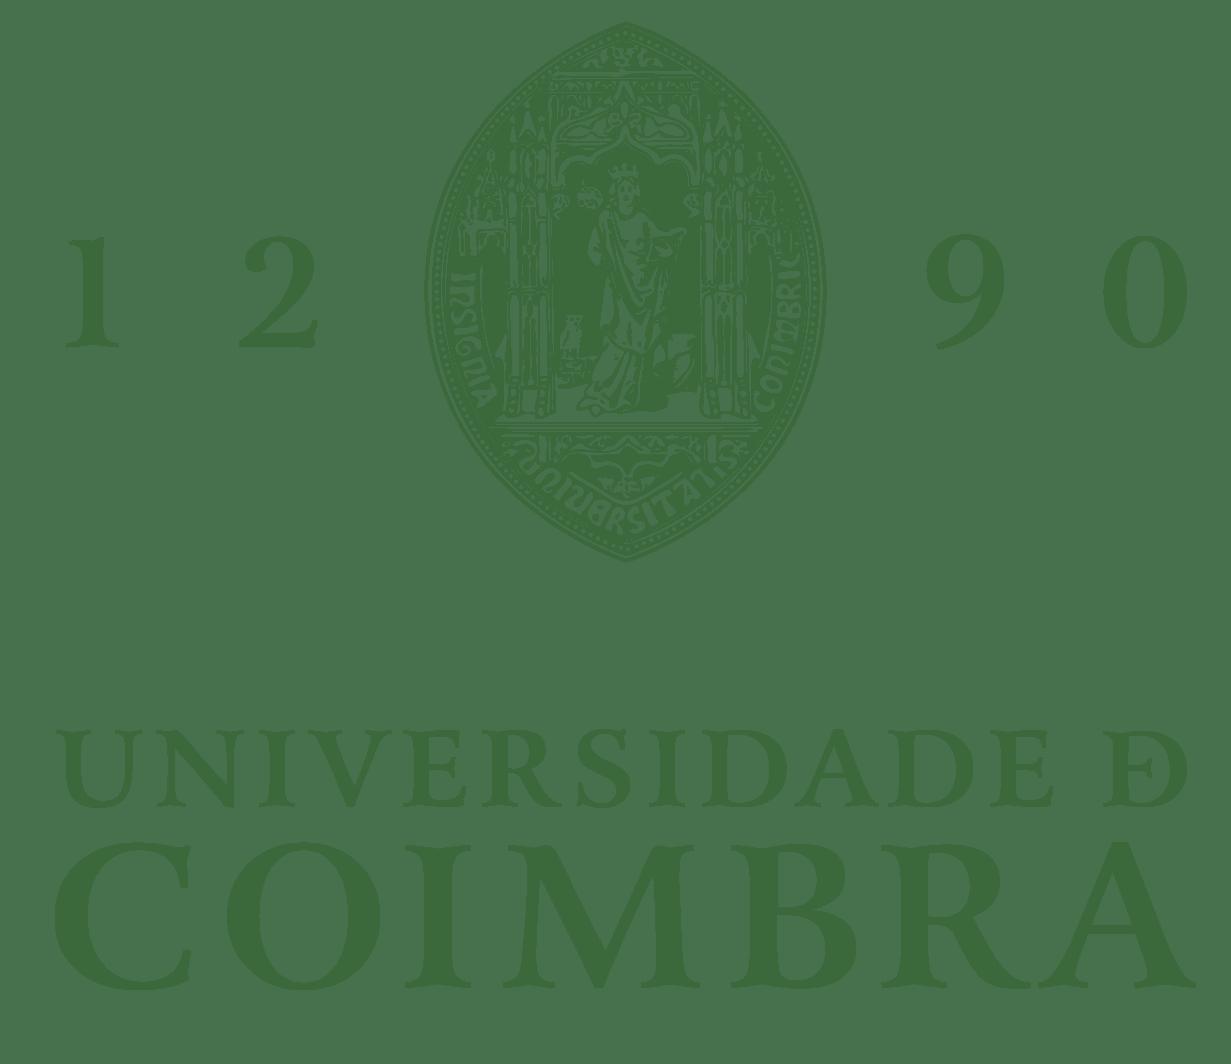 logo_Universidade de Coimbra